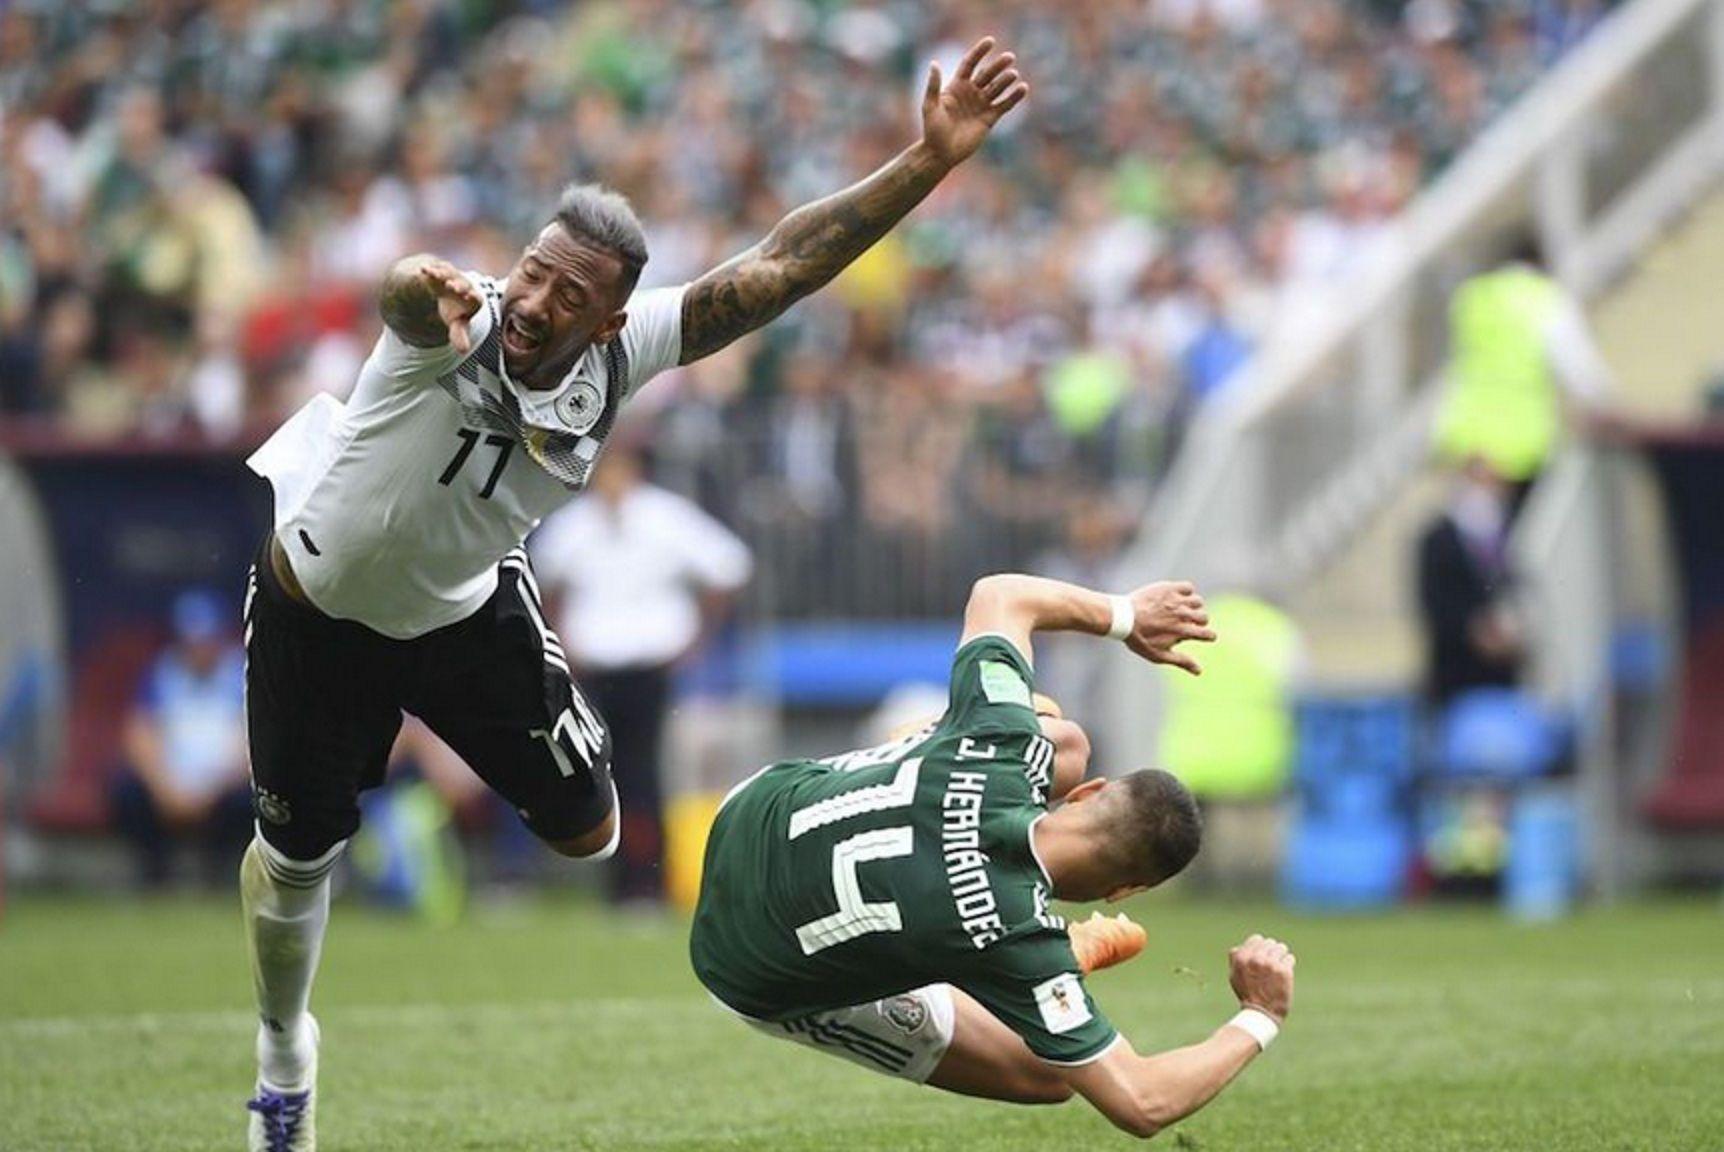 Alemania perdió frente a México y estallaron los memes